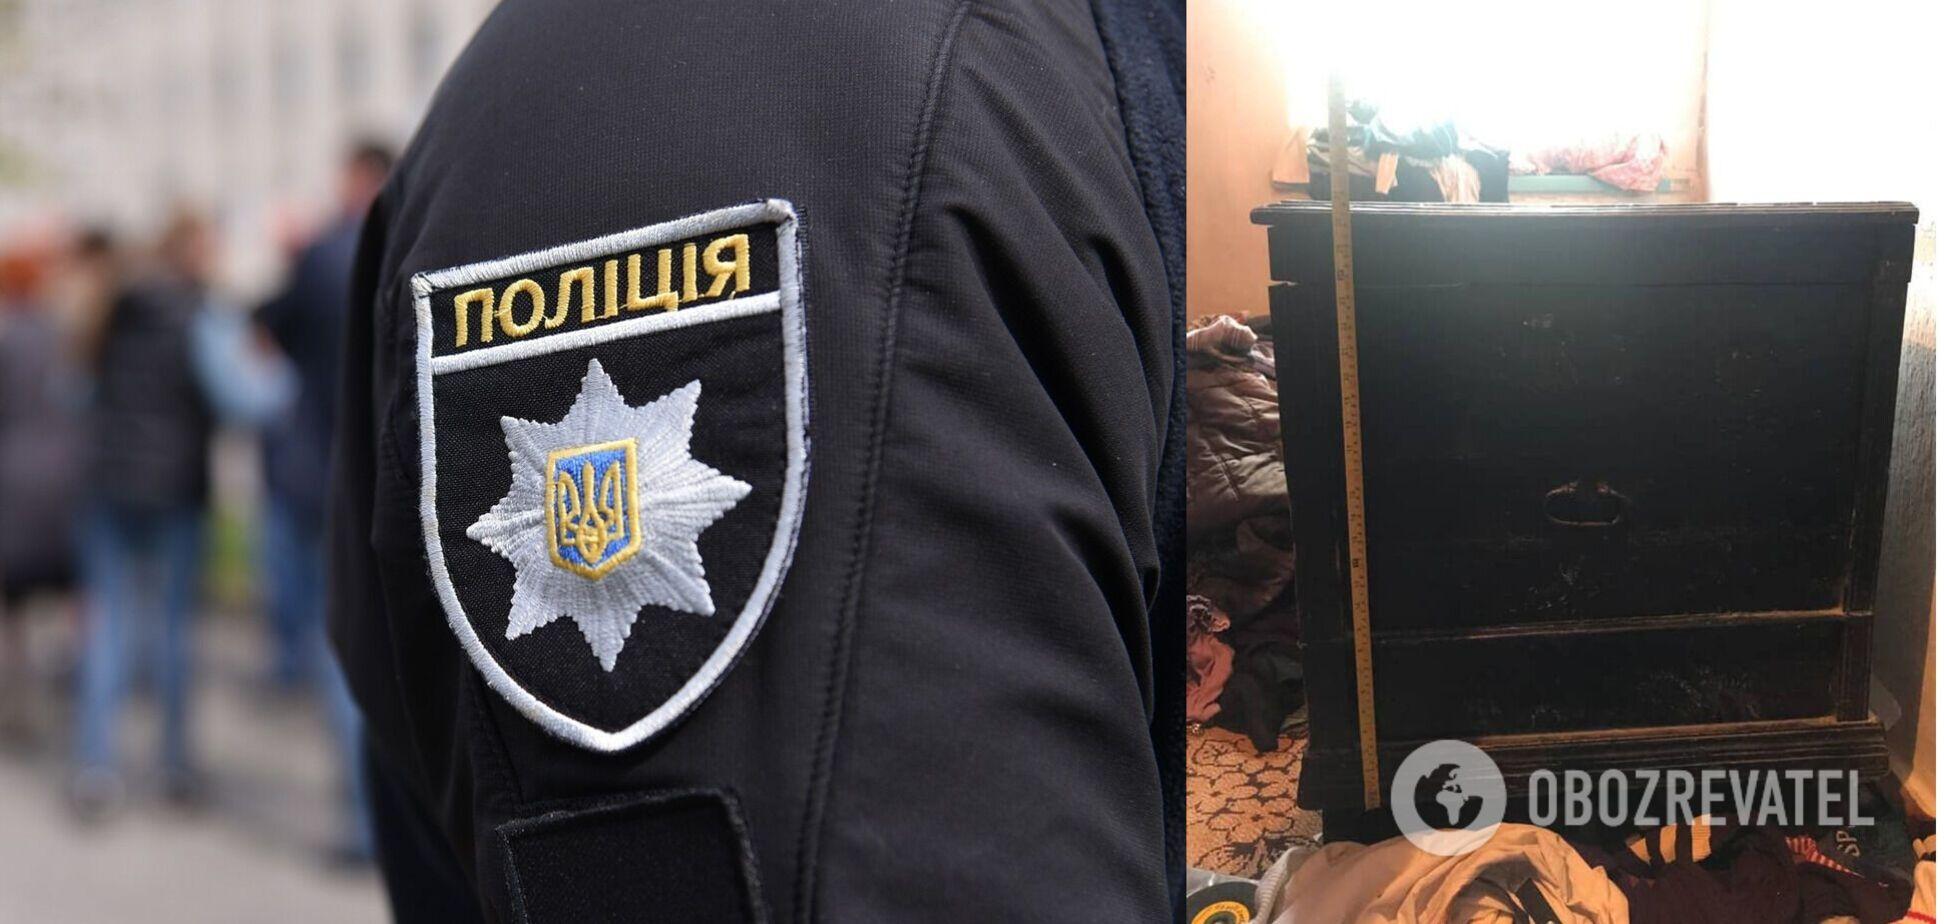 В Донецкой области трагически погибли двое детей: их нашли мертвыми в сундуке